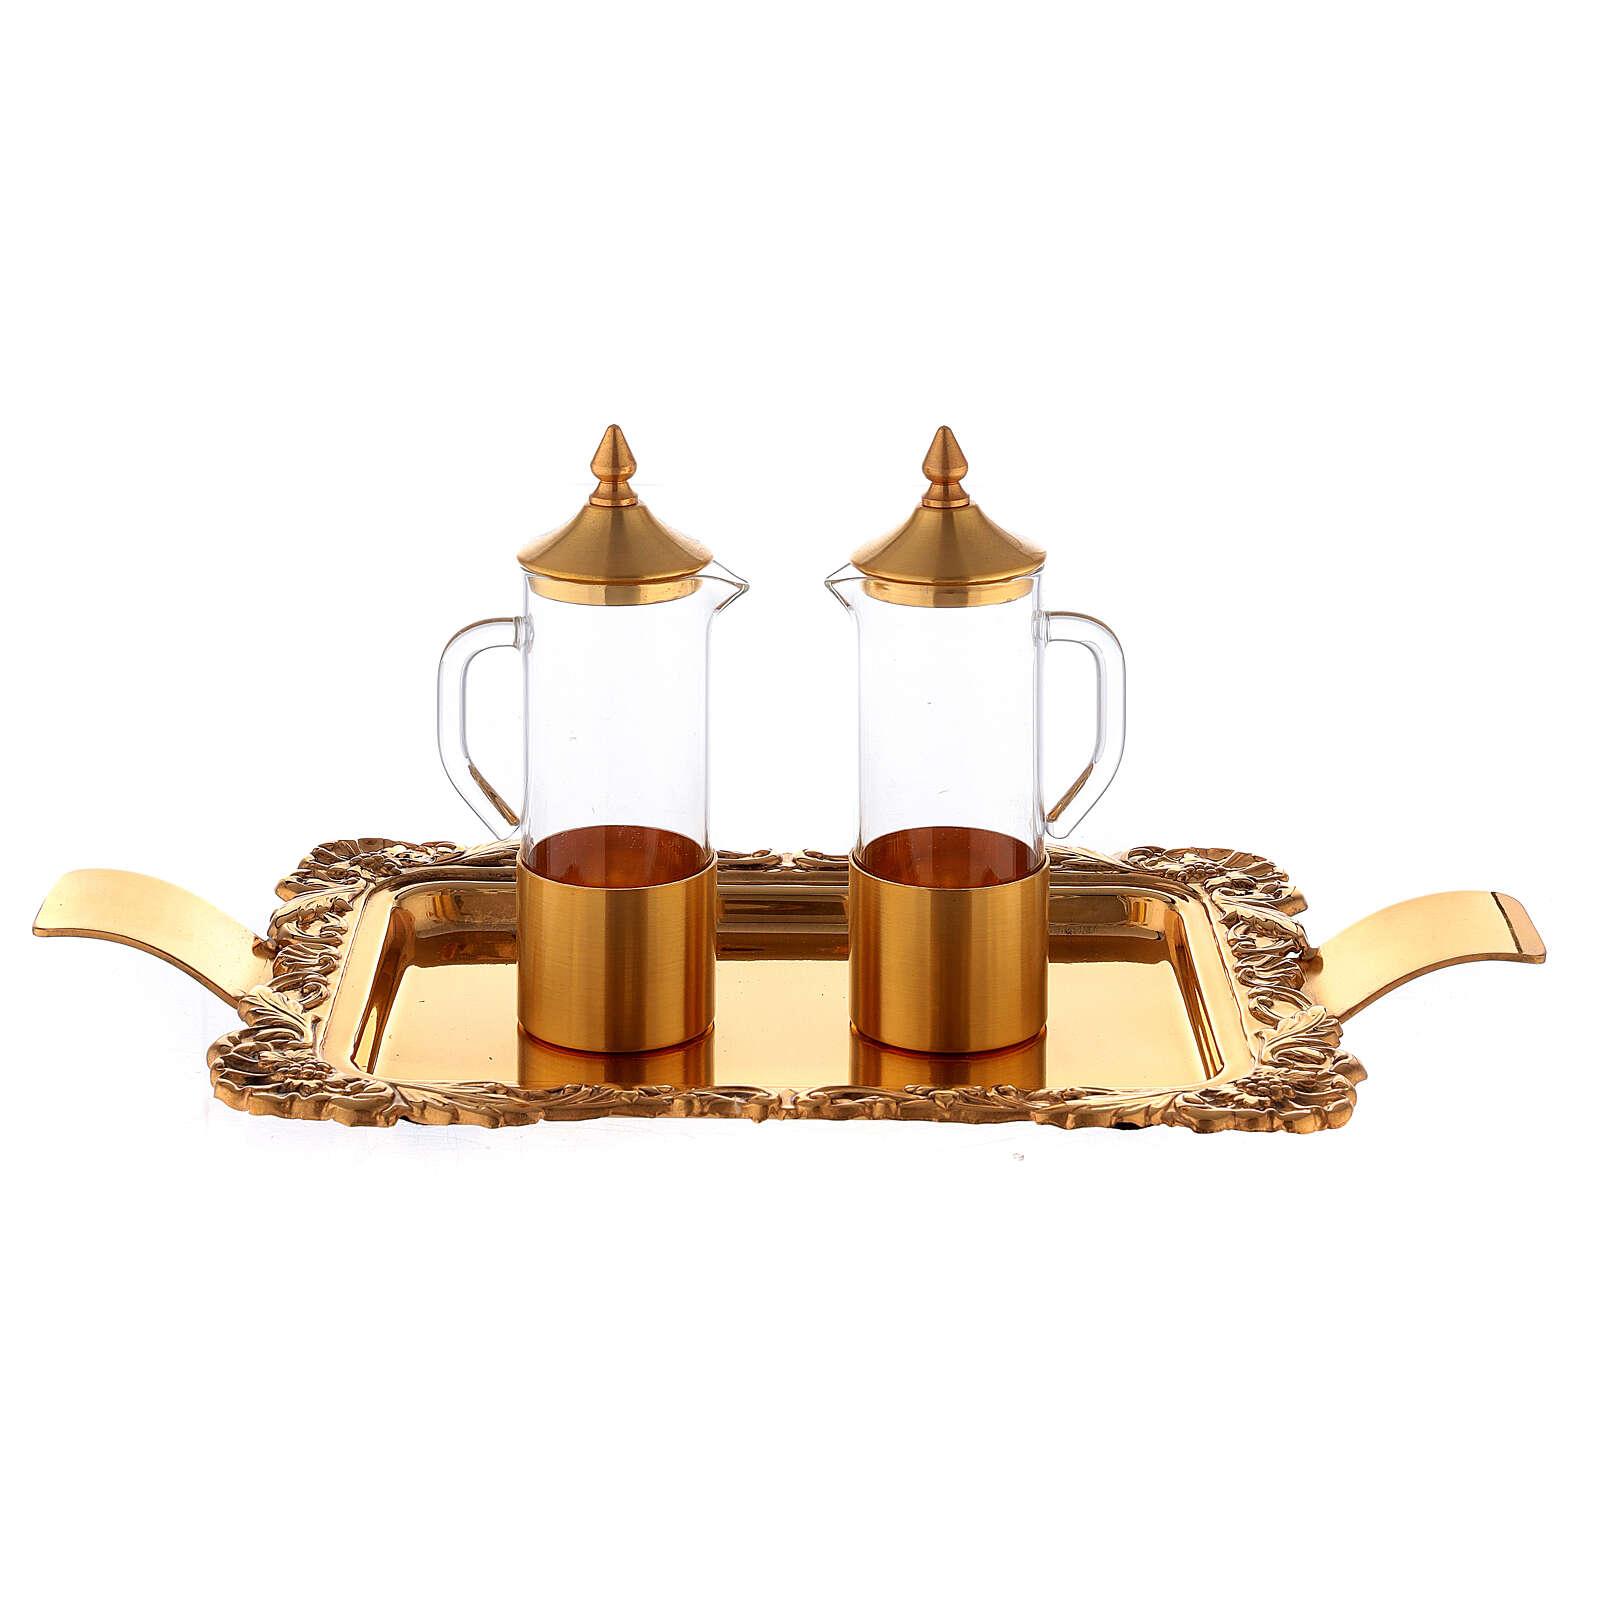 Servizio ampolline ottone dorato realizzato a mano 3